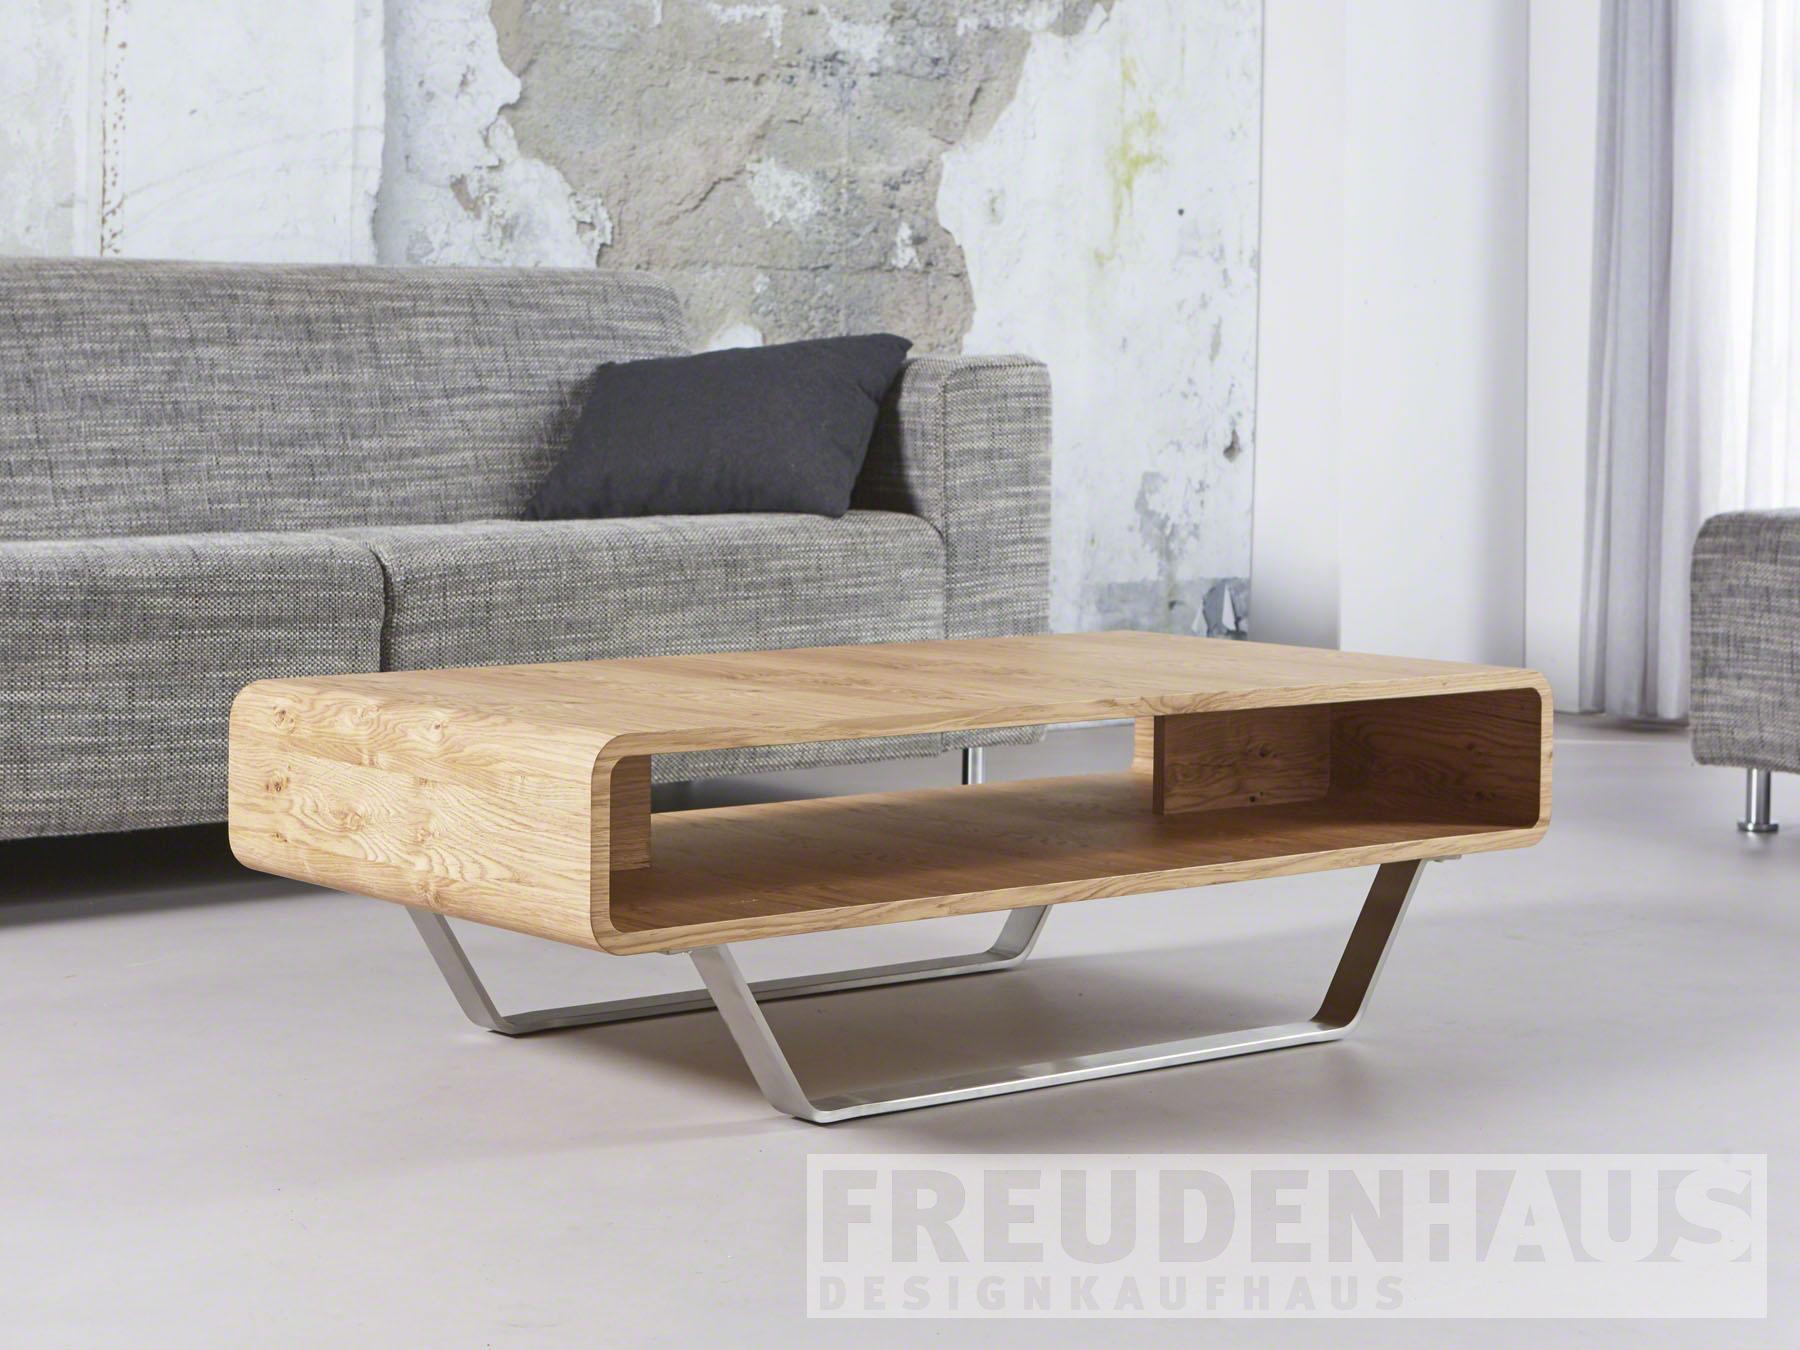 Retro couchtisch wooden cube Рm̦bel Рcouchtische Рvintagehaus